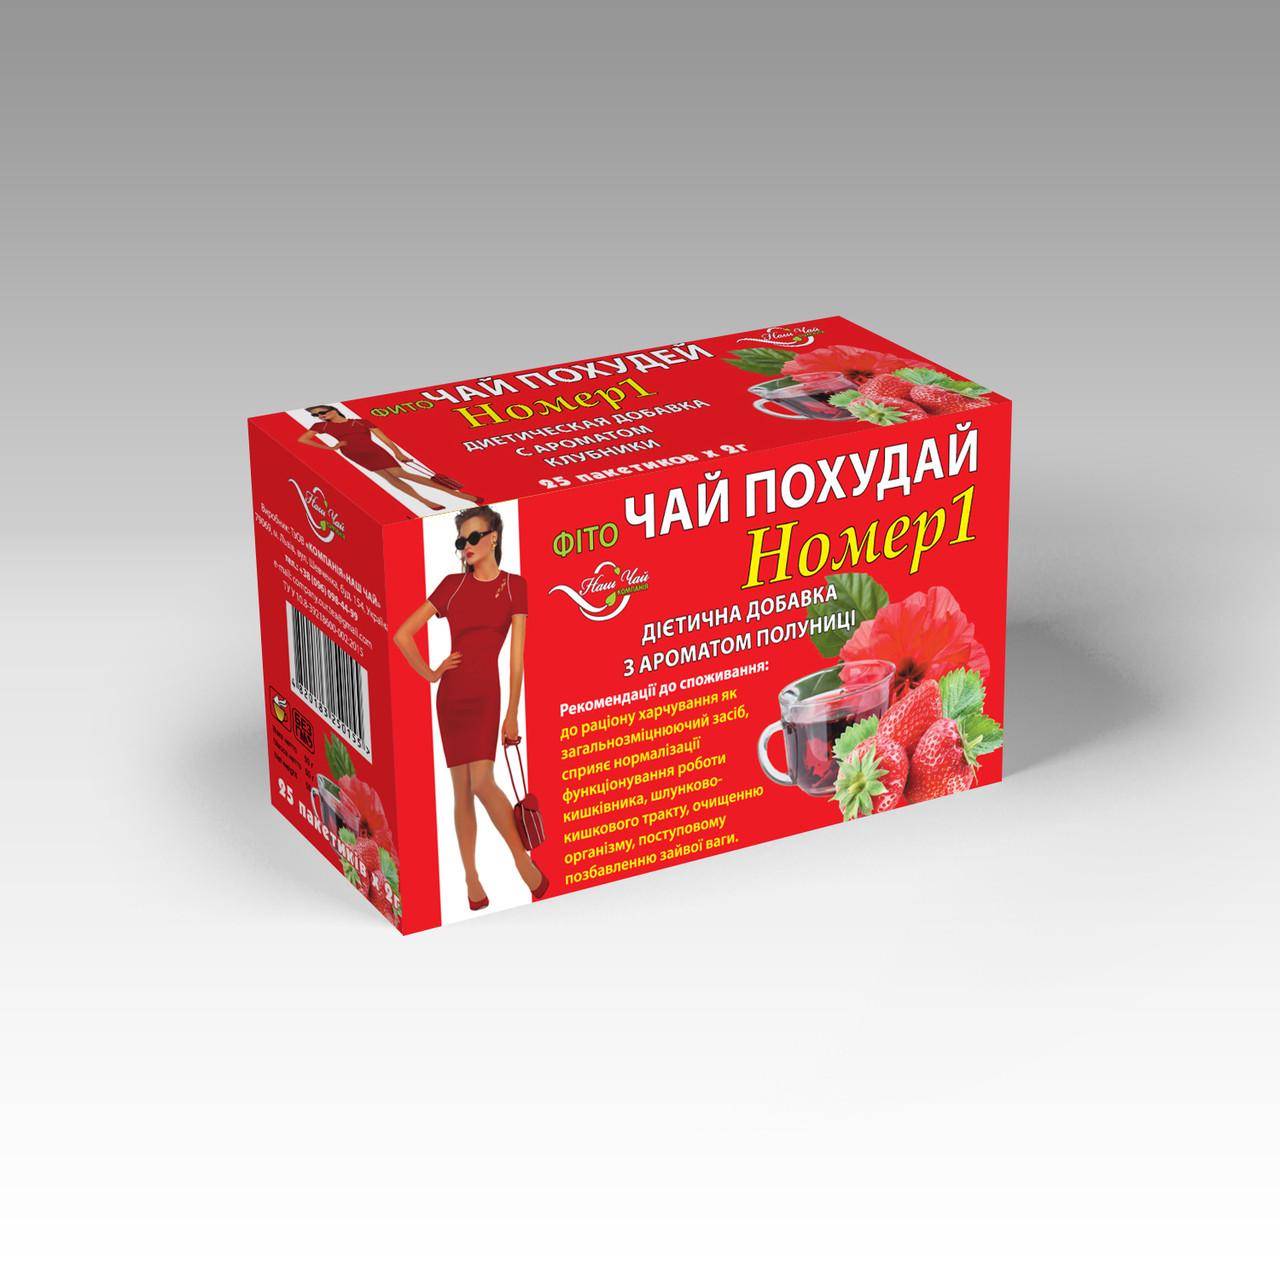 Фито чай Похудай номер 1 с ароматом Клубника